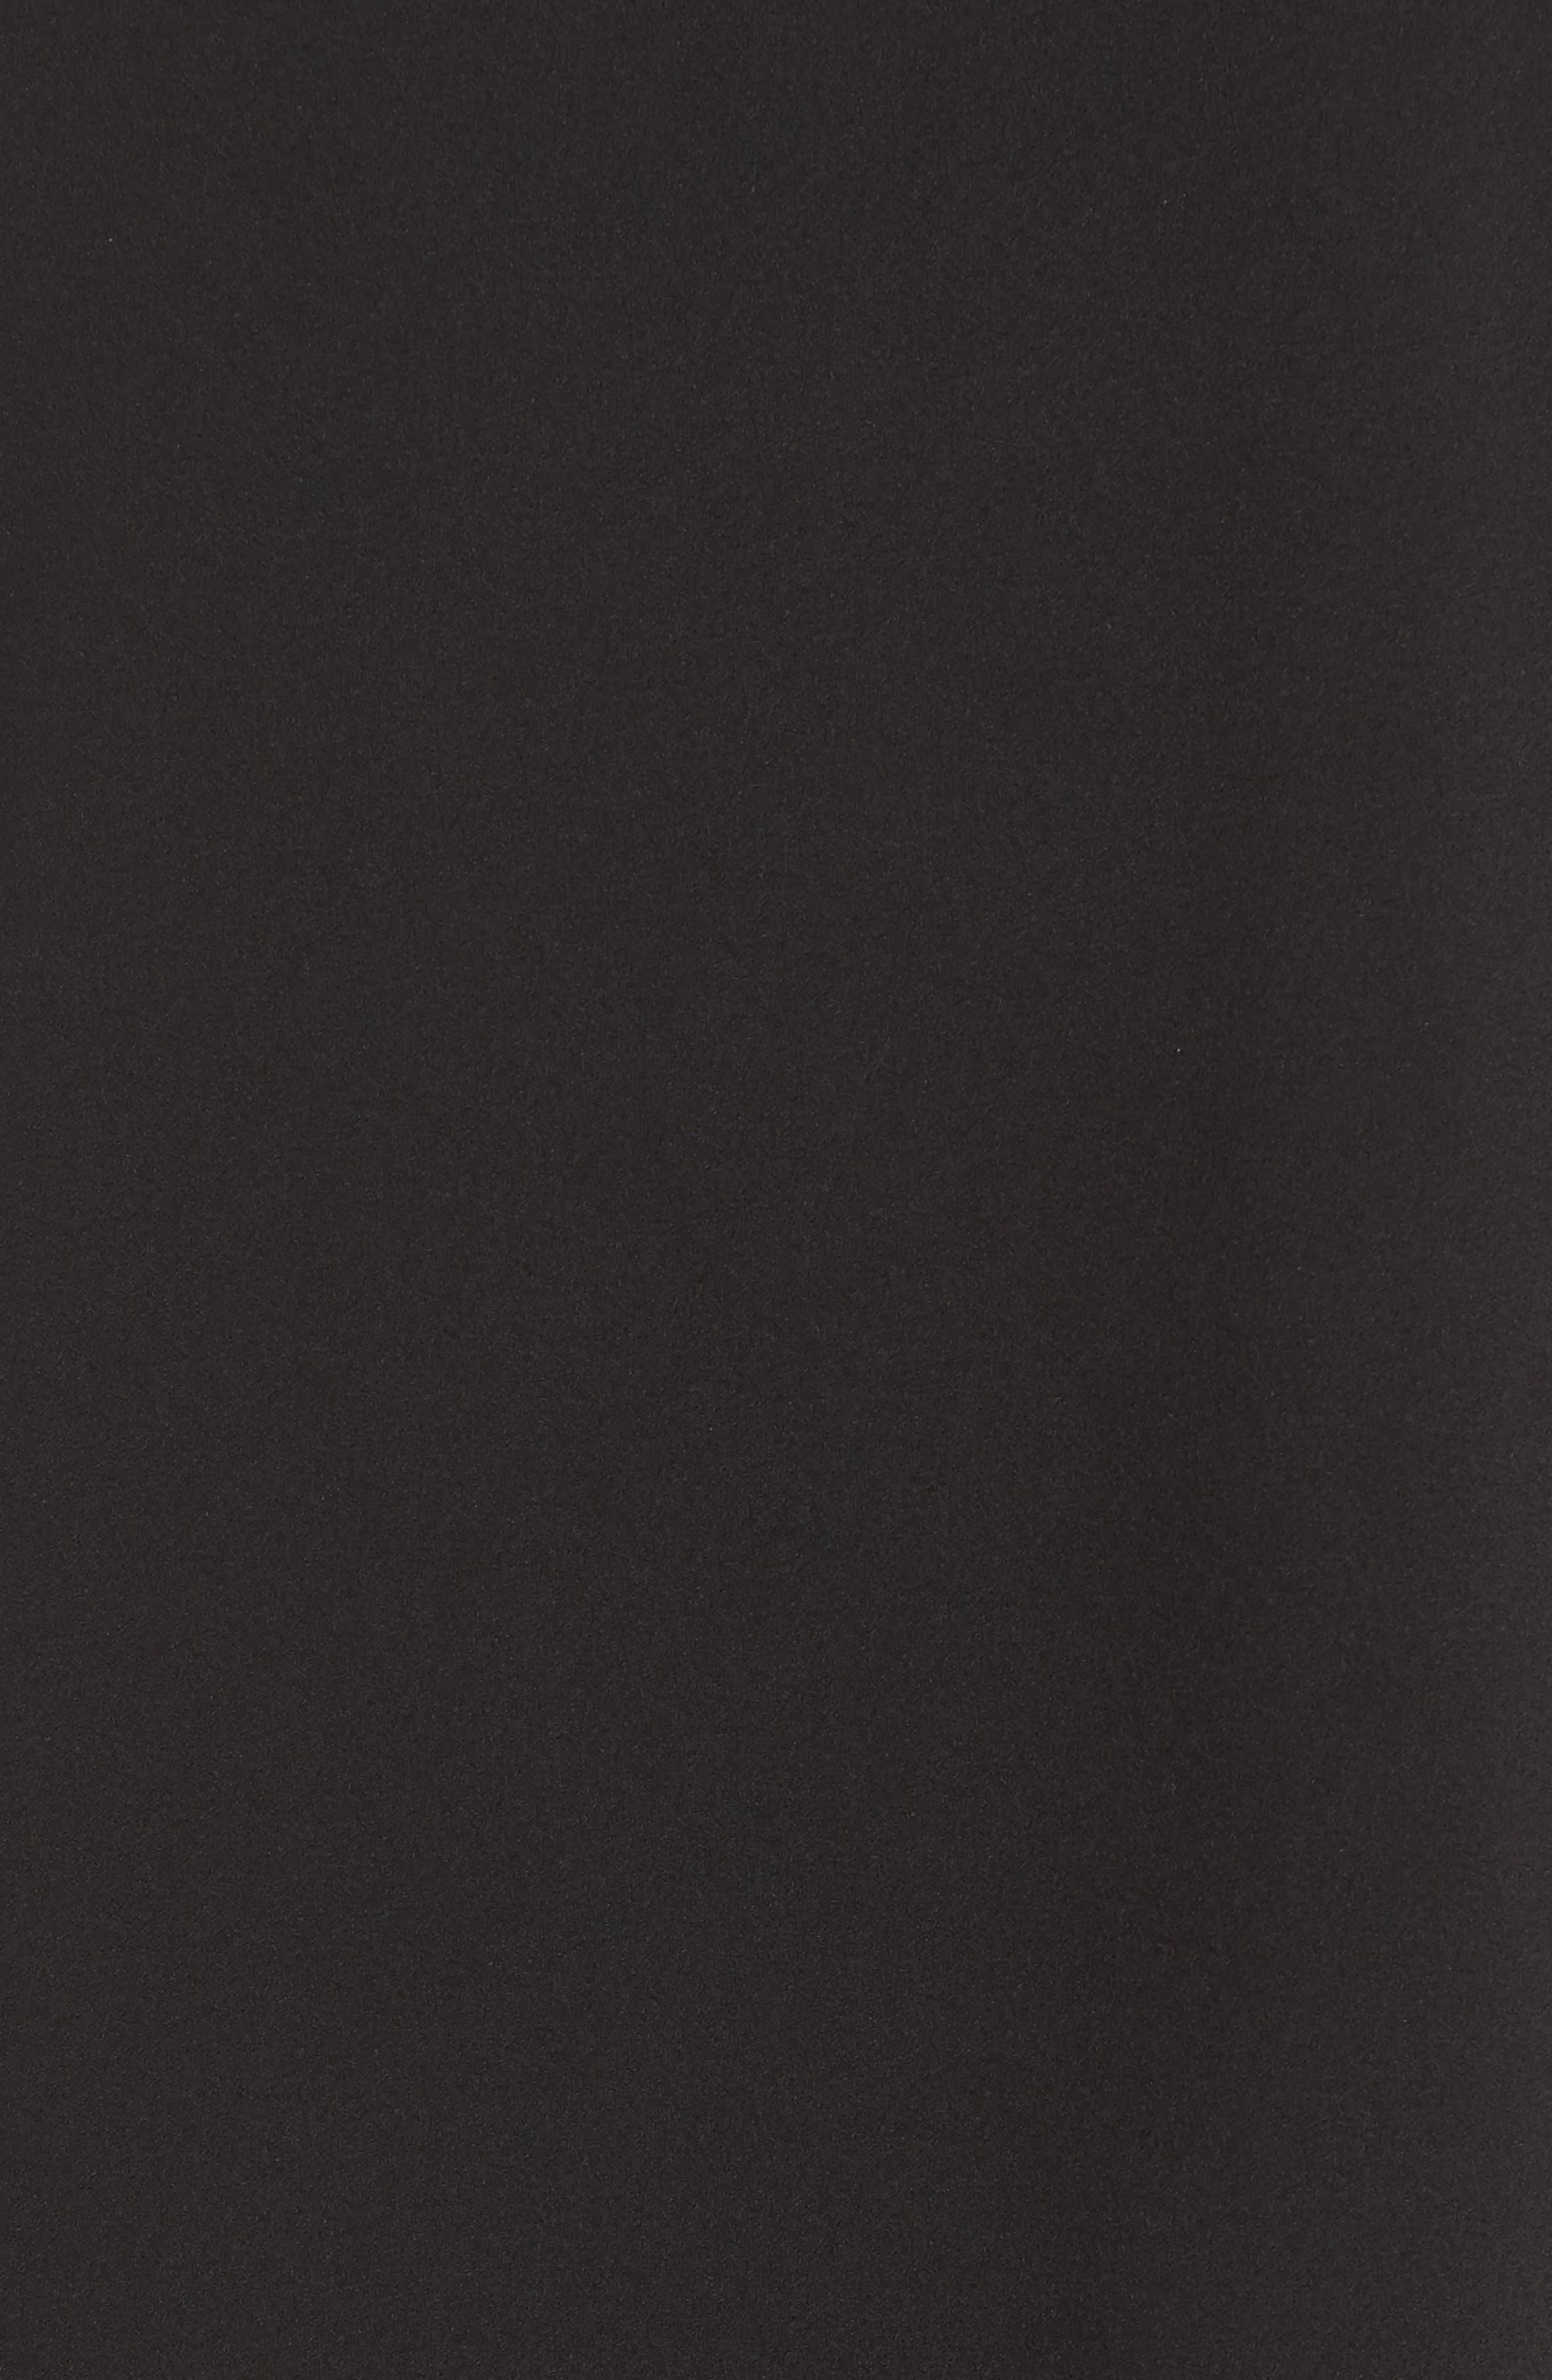 Flutter Sleeve Crepe Shift Dress,                             Alternate thumbnail 6, color,                             001